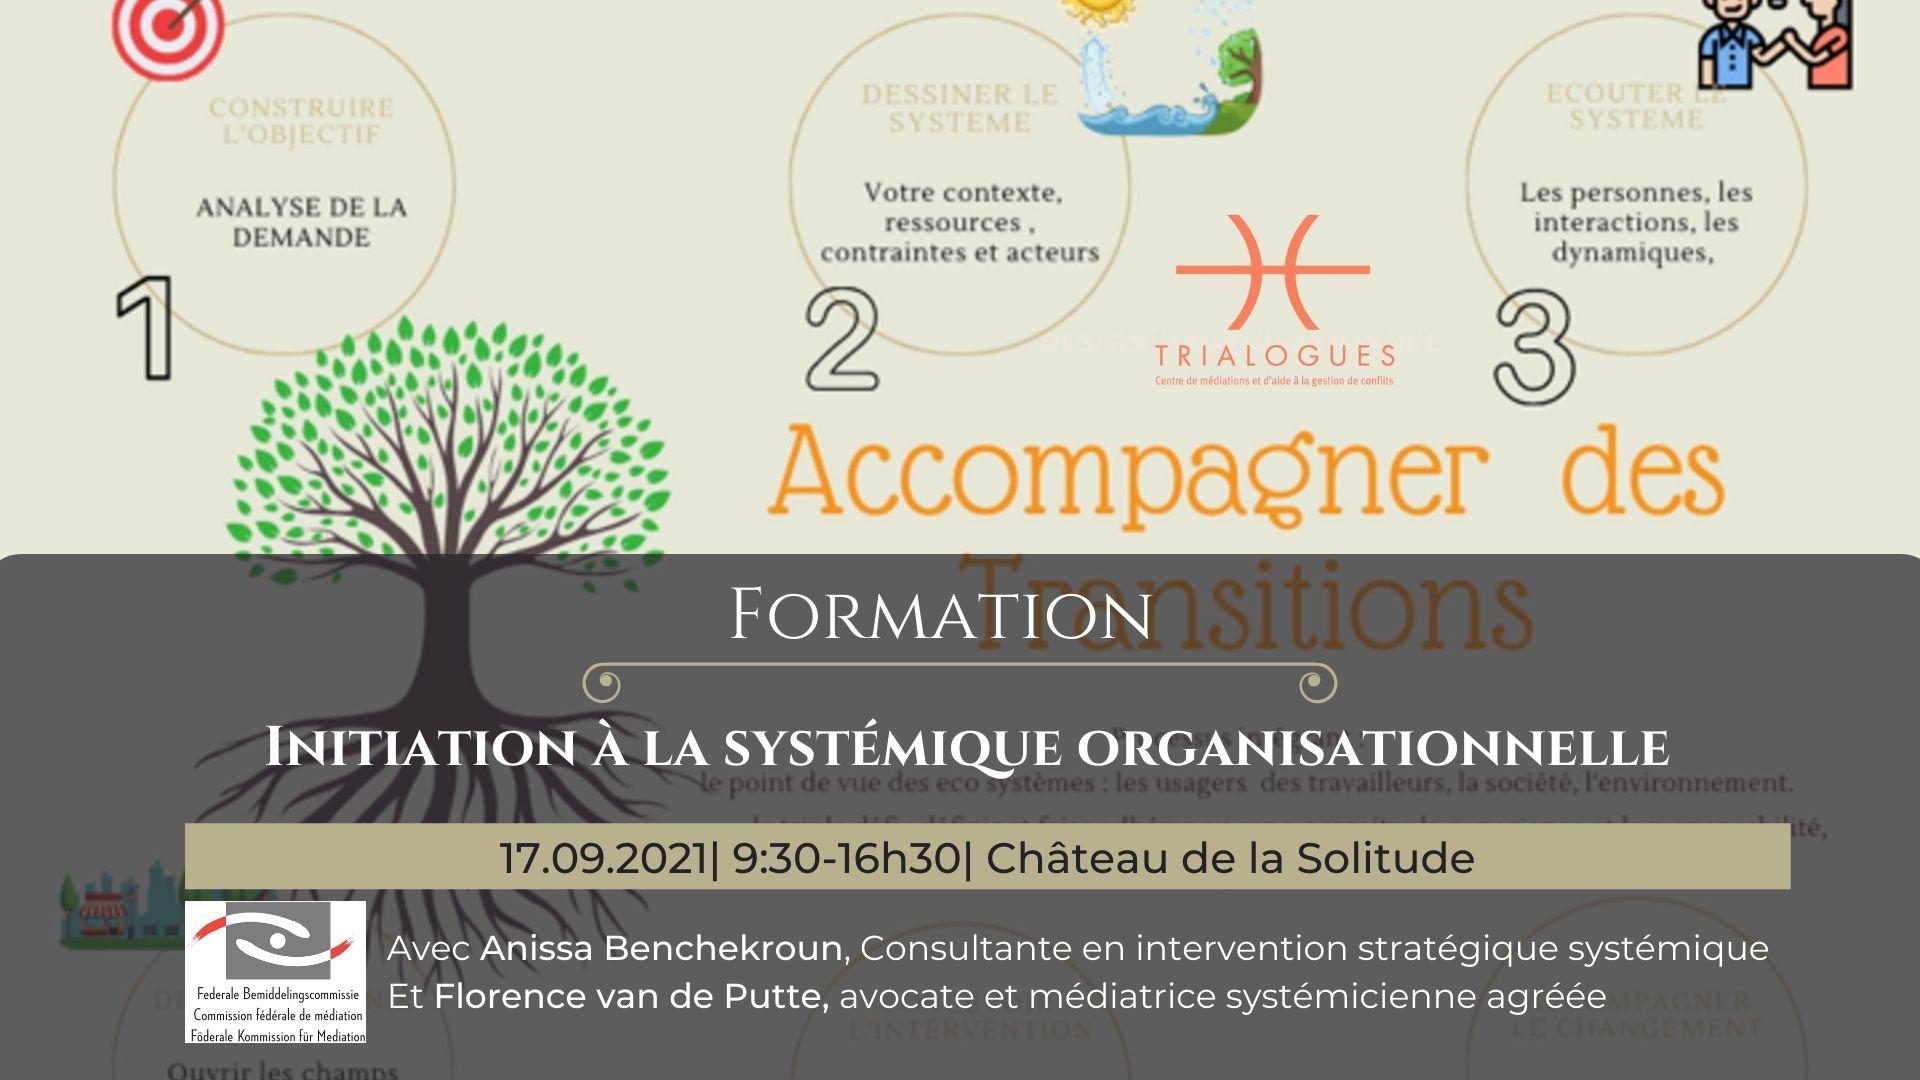 Initiation à la systémique organisationnelle